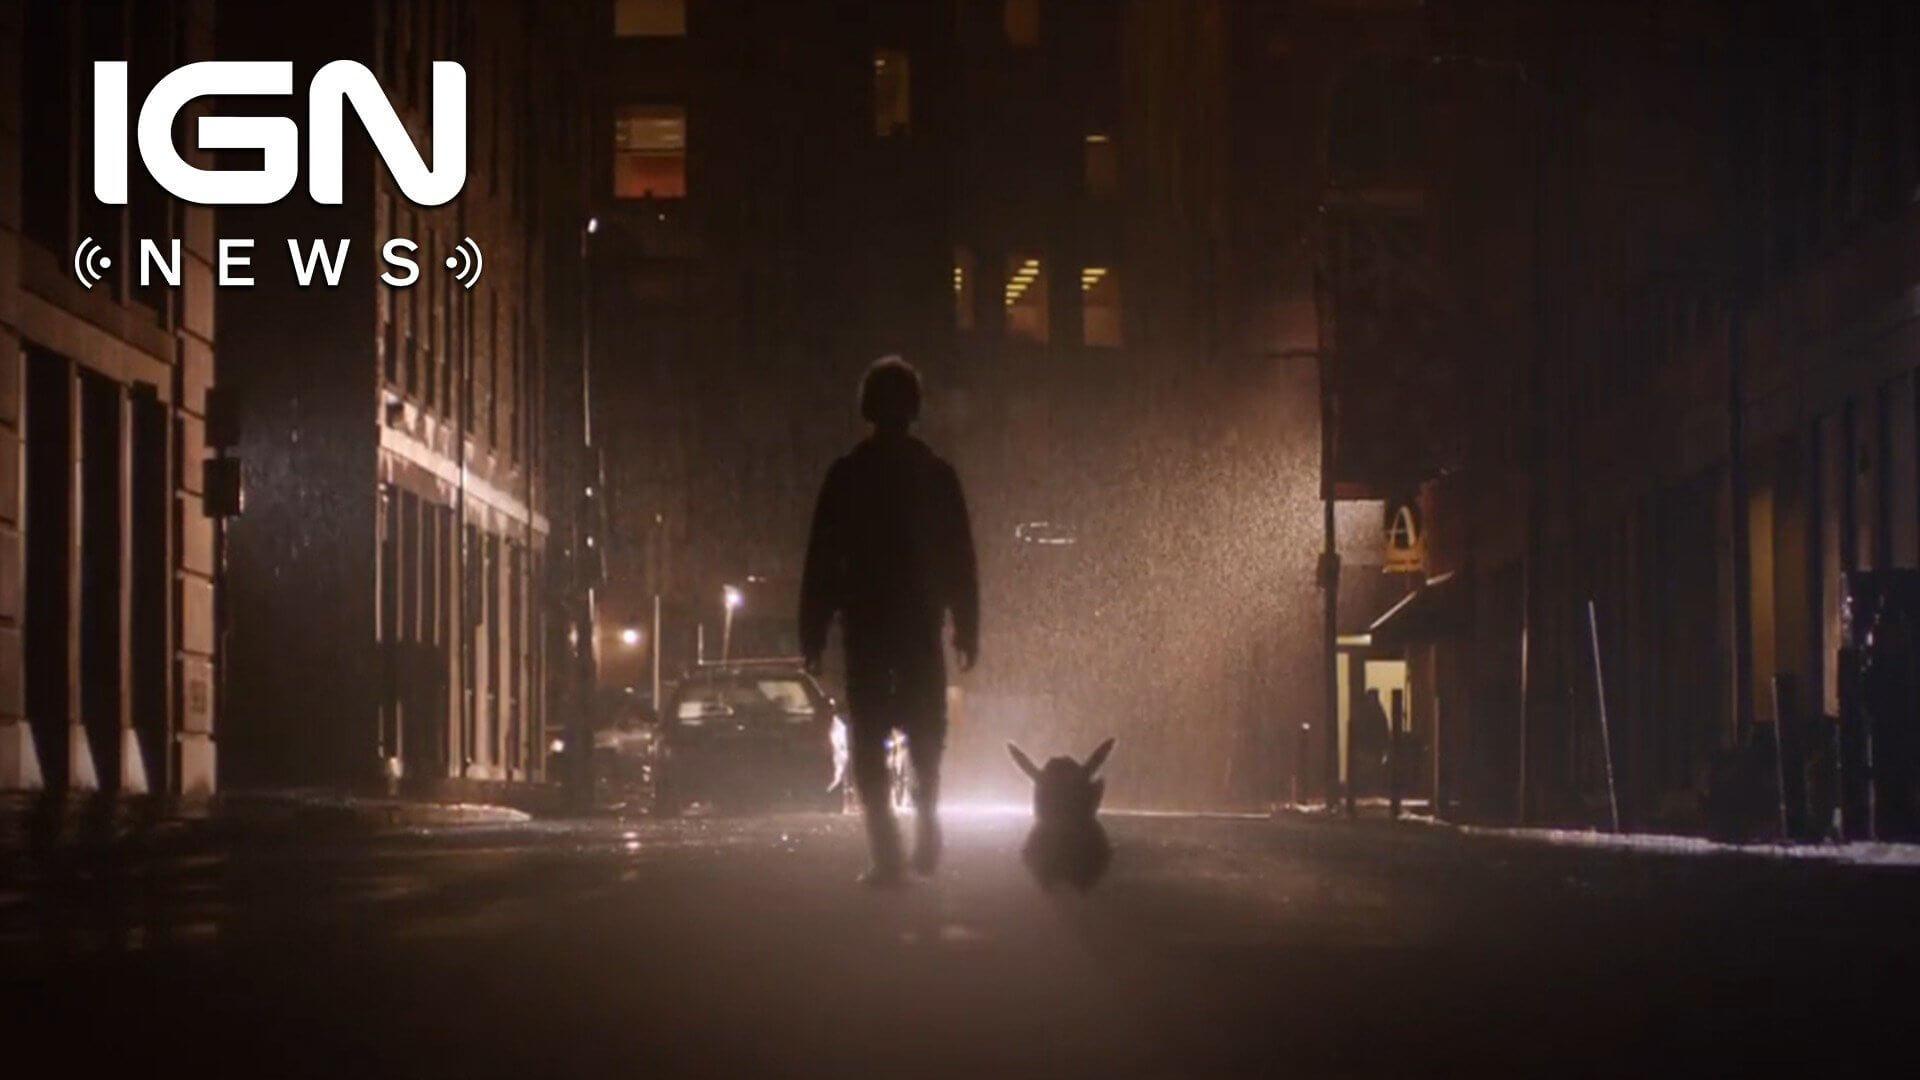 Покемон: Детектив Пикачу (2019) - дата выхода, трейлер на русском, актеры